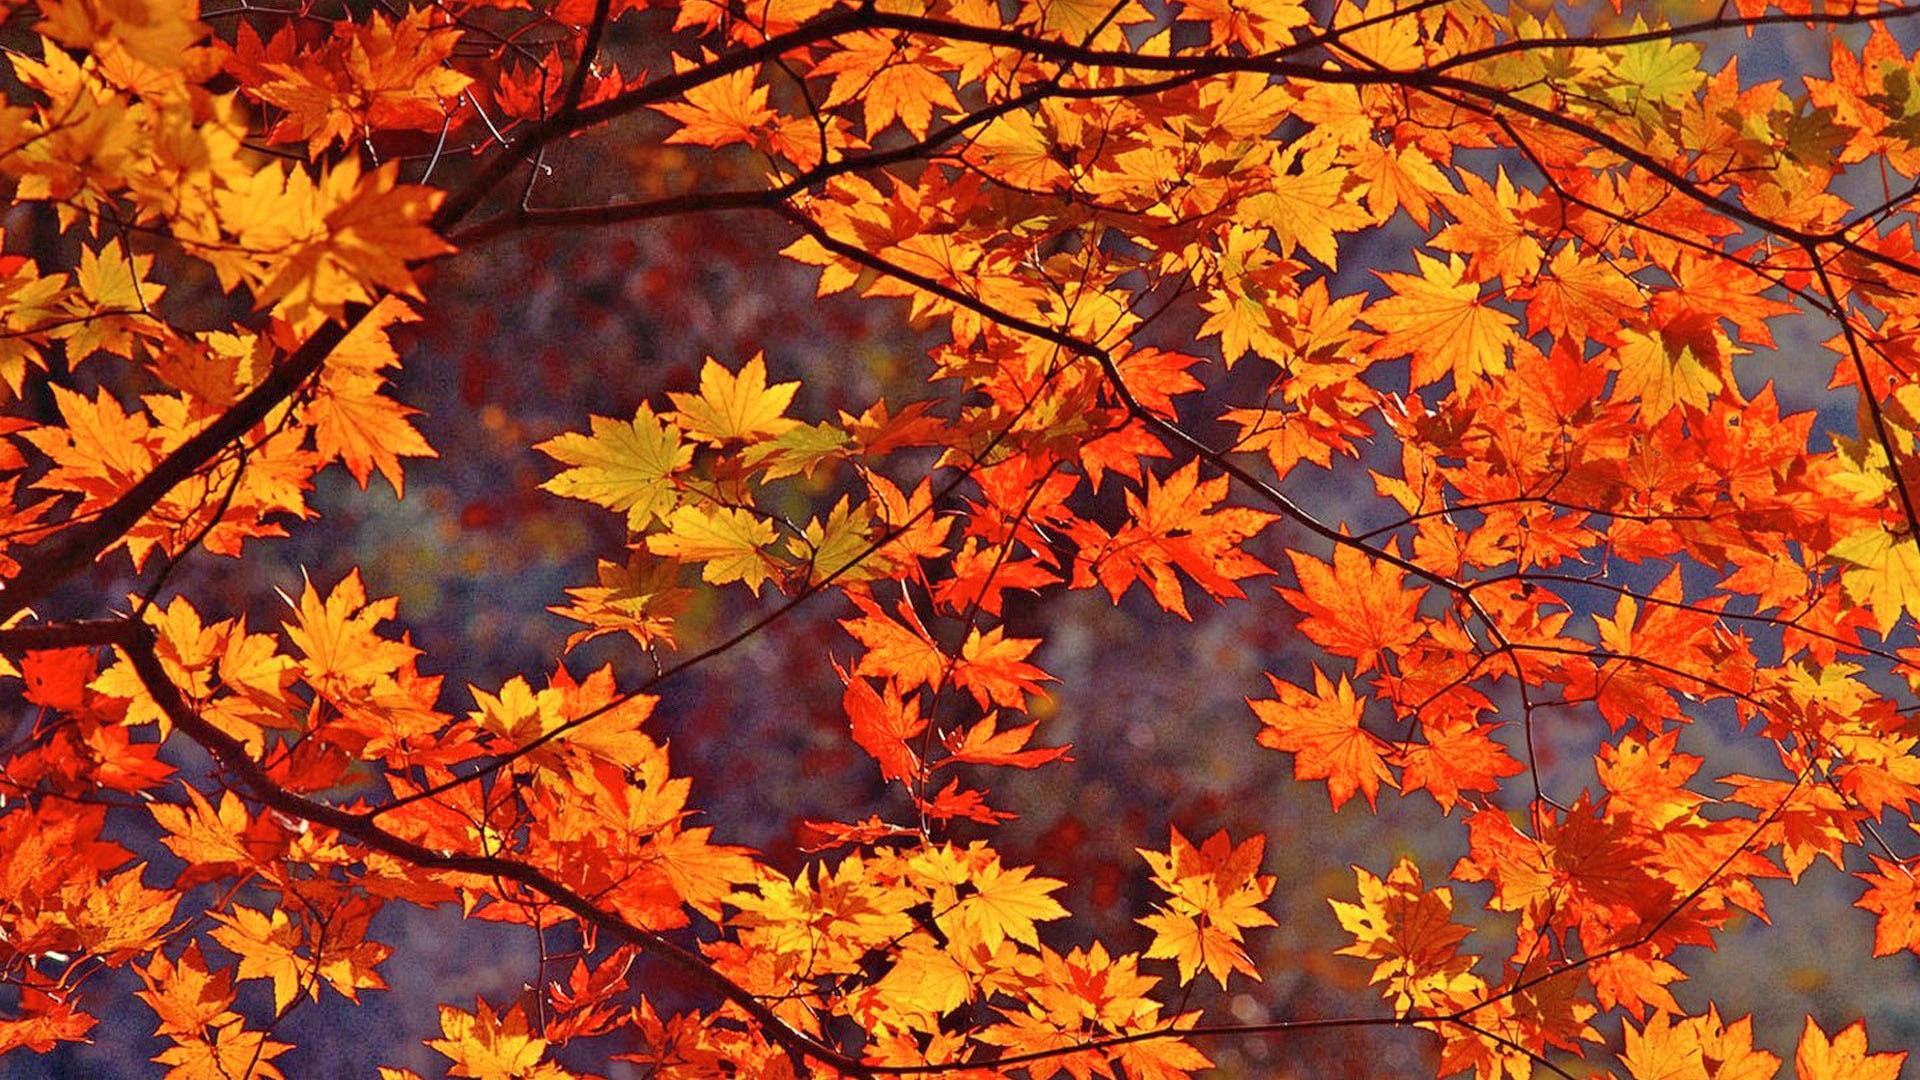 Autumn Leaves Wallpaper HD - WallpaperSafari